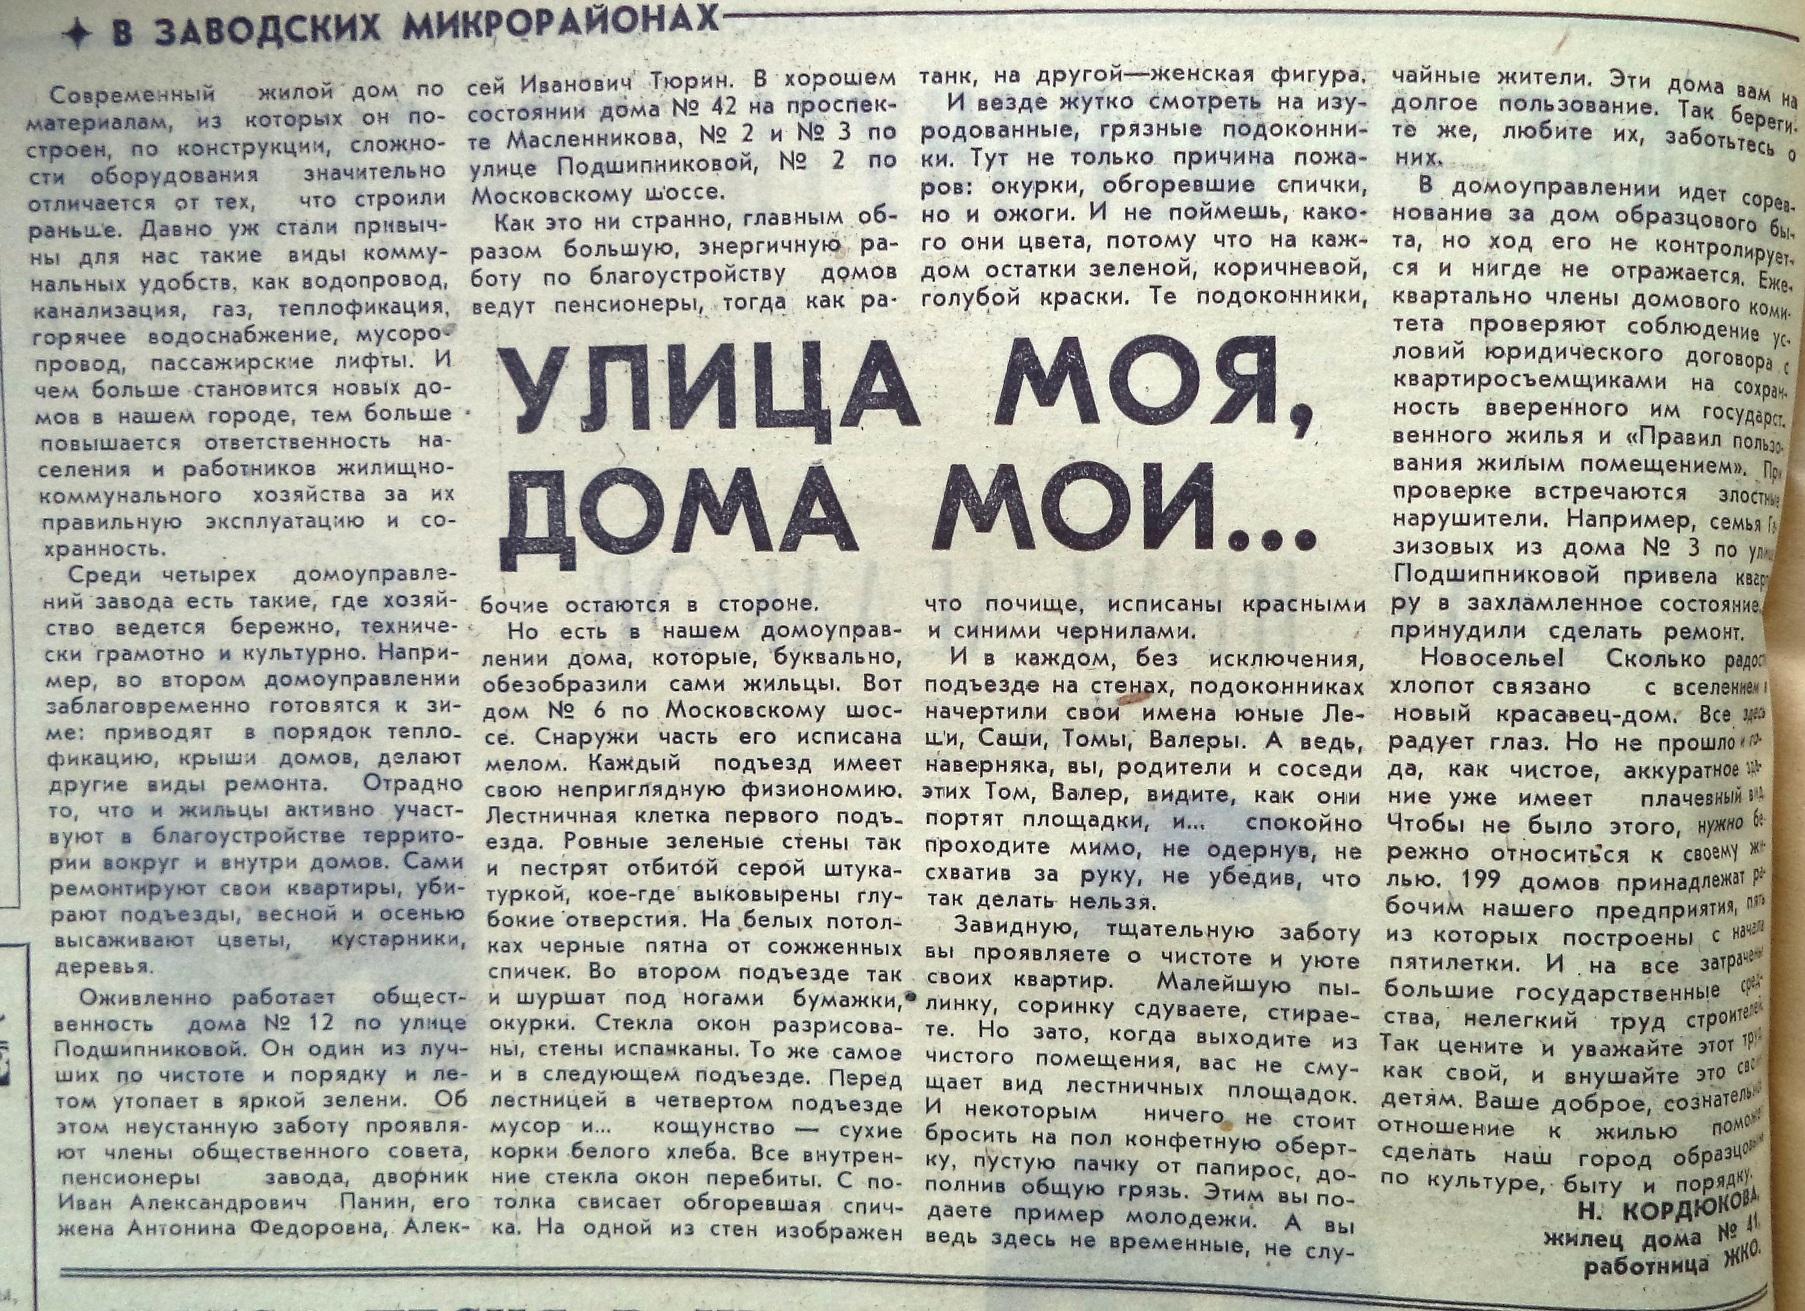 Подшипниковая-ФОТО-45-Красное Знамя-1975-11 марта